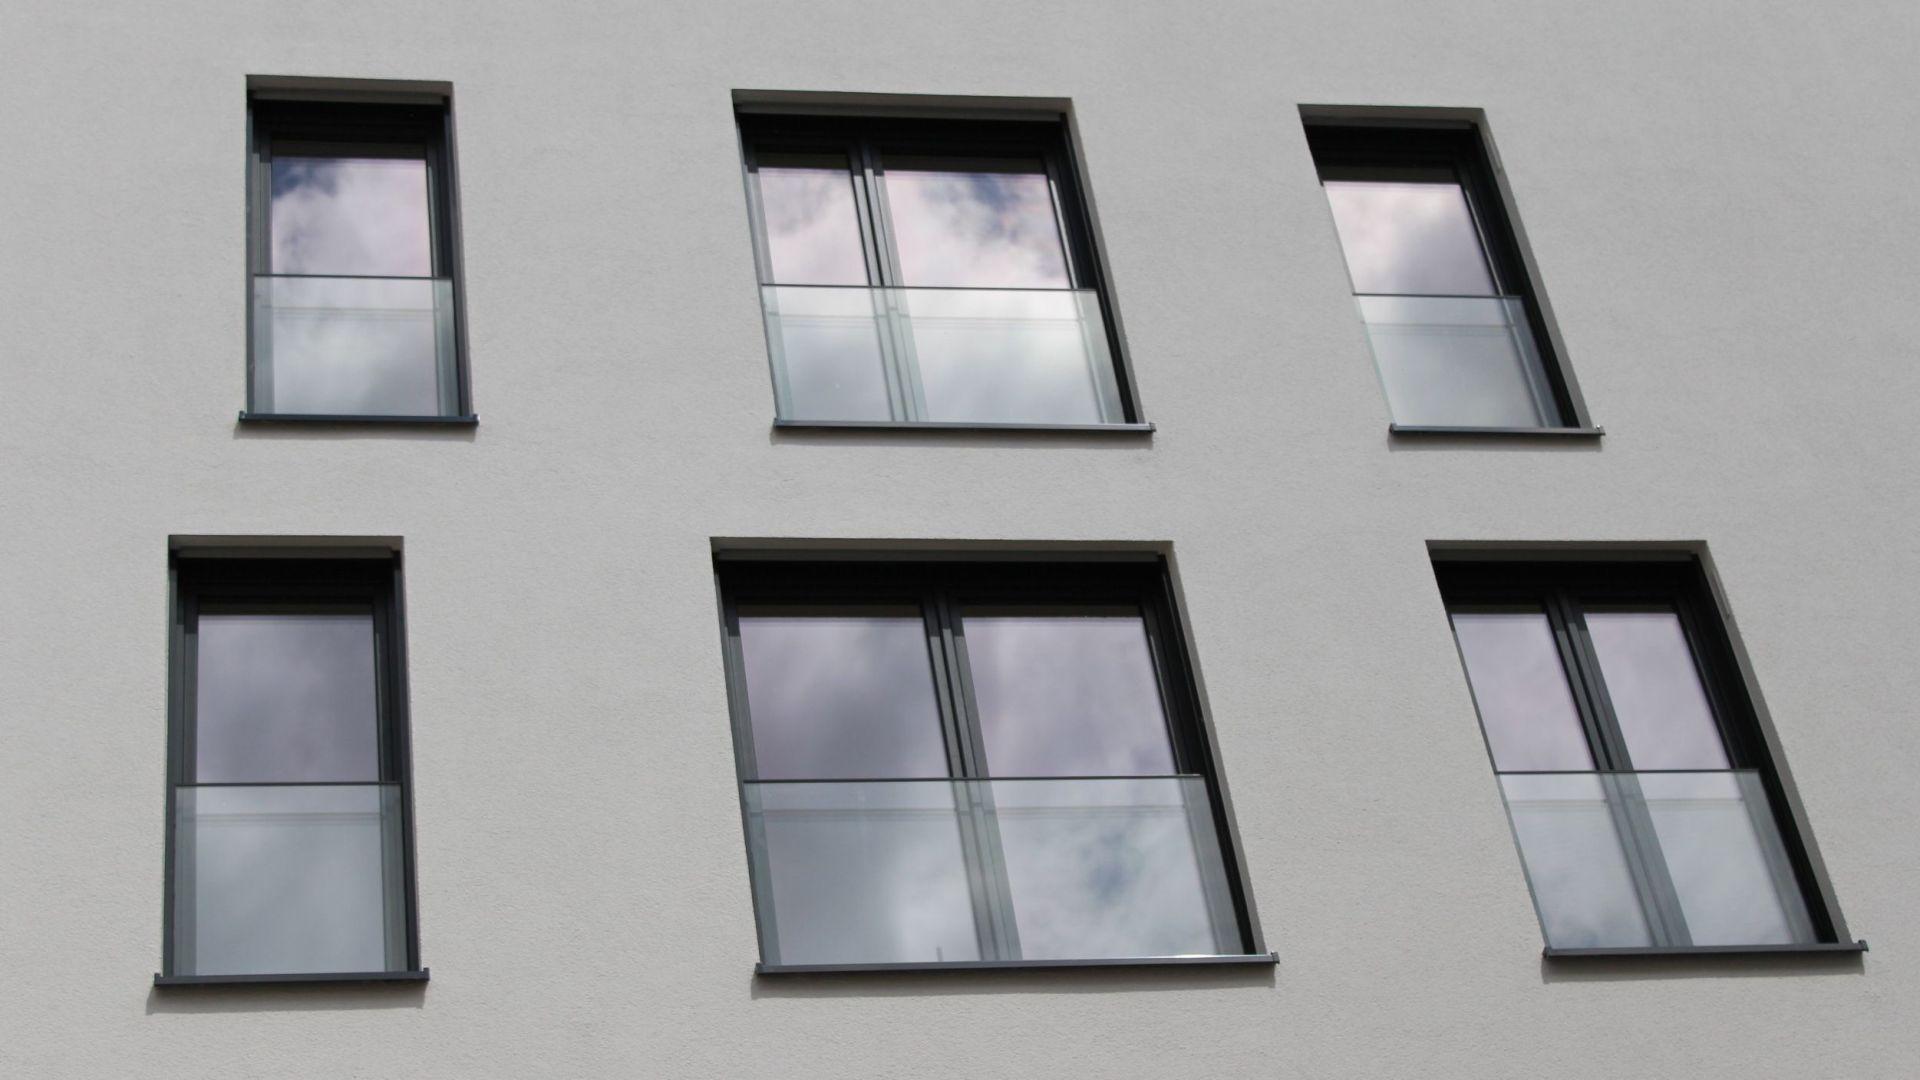 Full Size of Fenster Bodentief Bodentiefe Einbauen Video Kaufen Anthrazit Umbauen Abdichten Neubau Detail Machen Kosten Rohbau Geteilt Dwg Einbau Integrierte Fenster Fenster Bodentief